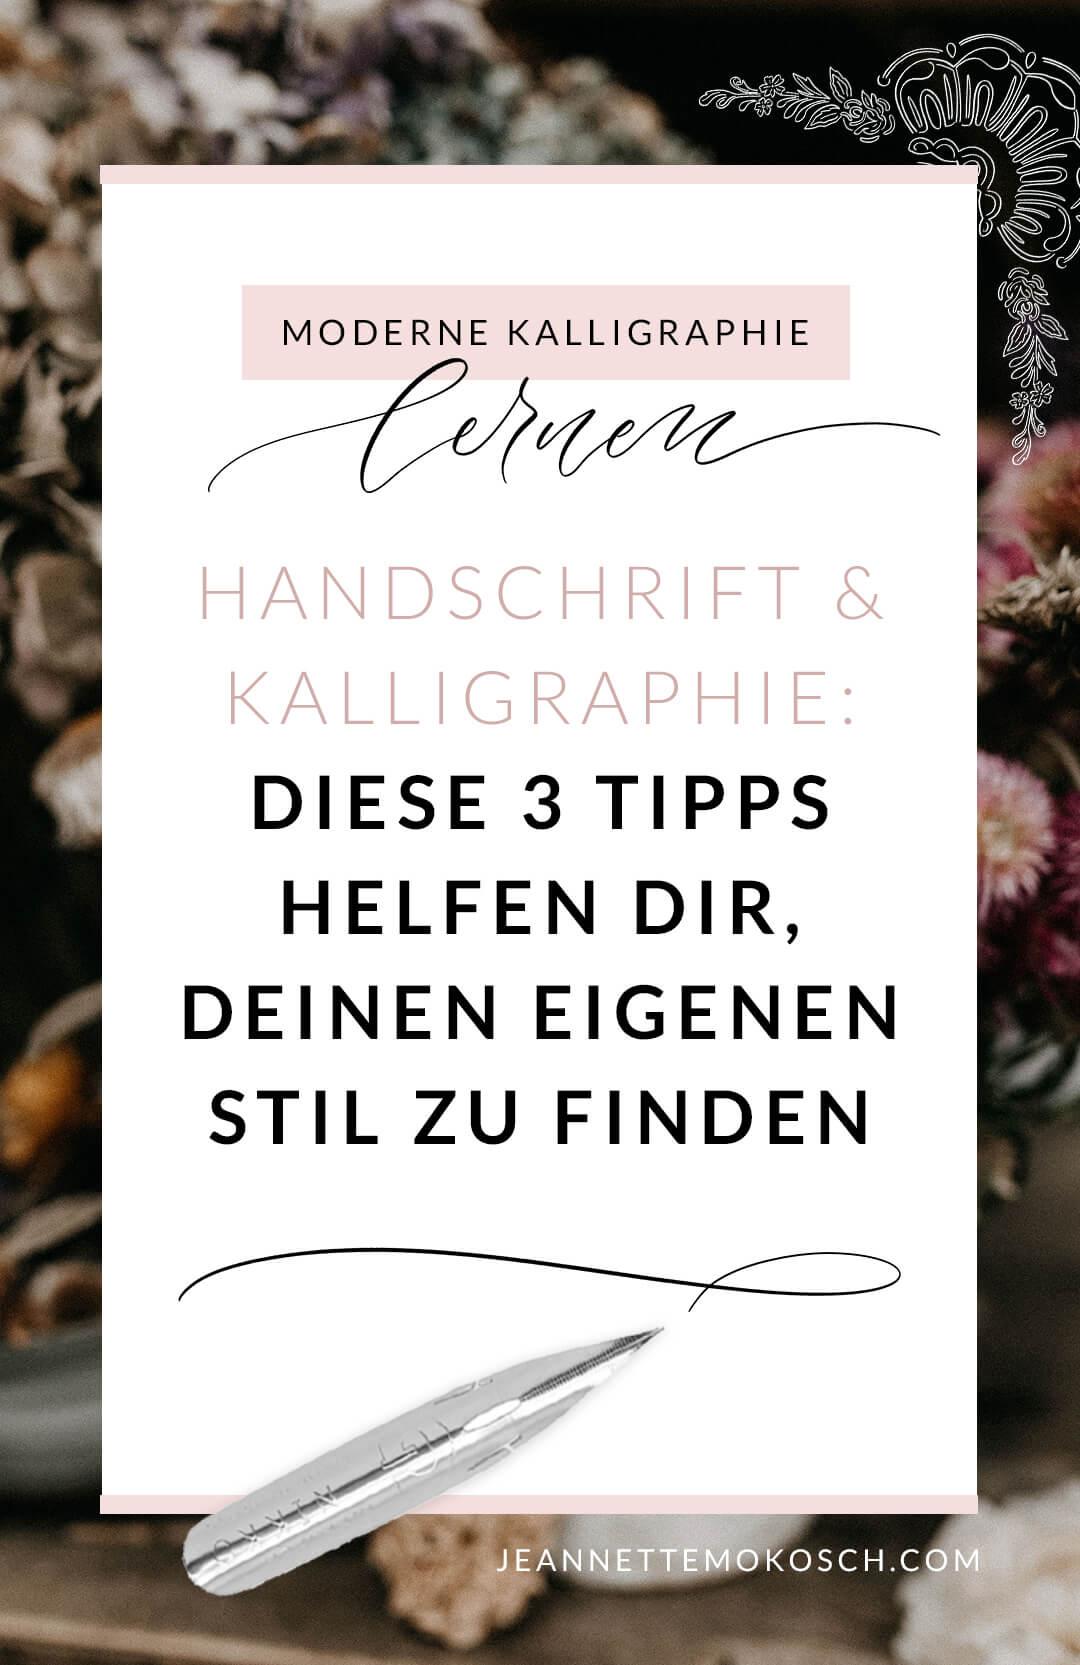 Den eigenen Stil finden Handschrift Hand Lettering Moderne Kalligraphie lernen Tusche Feder Federhalter Papier